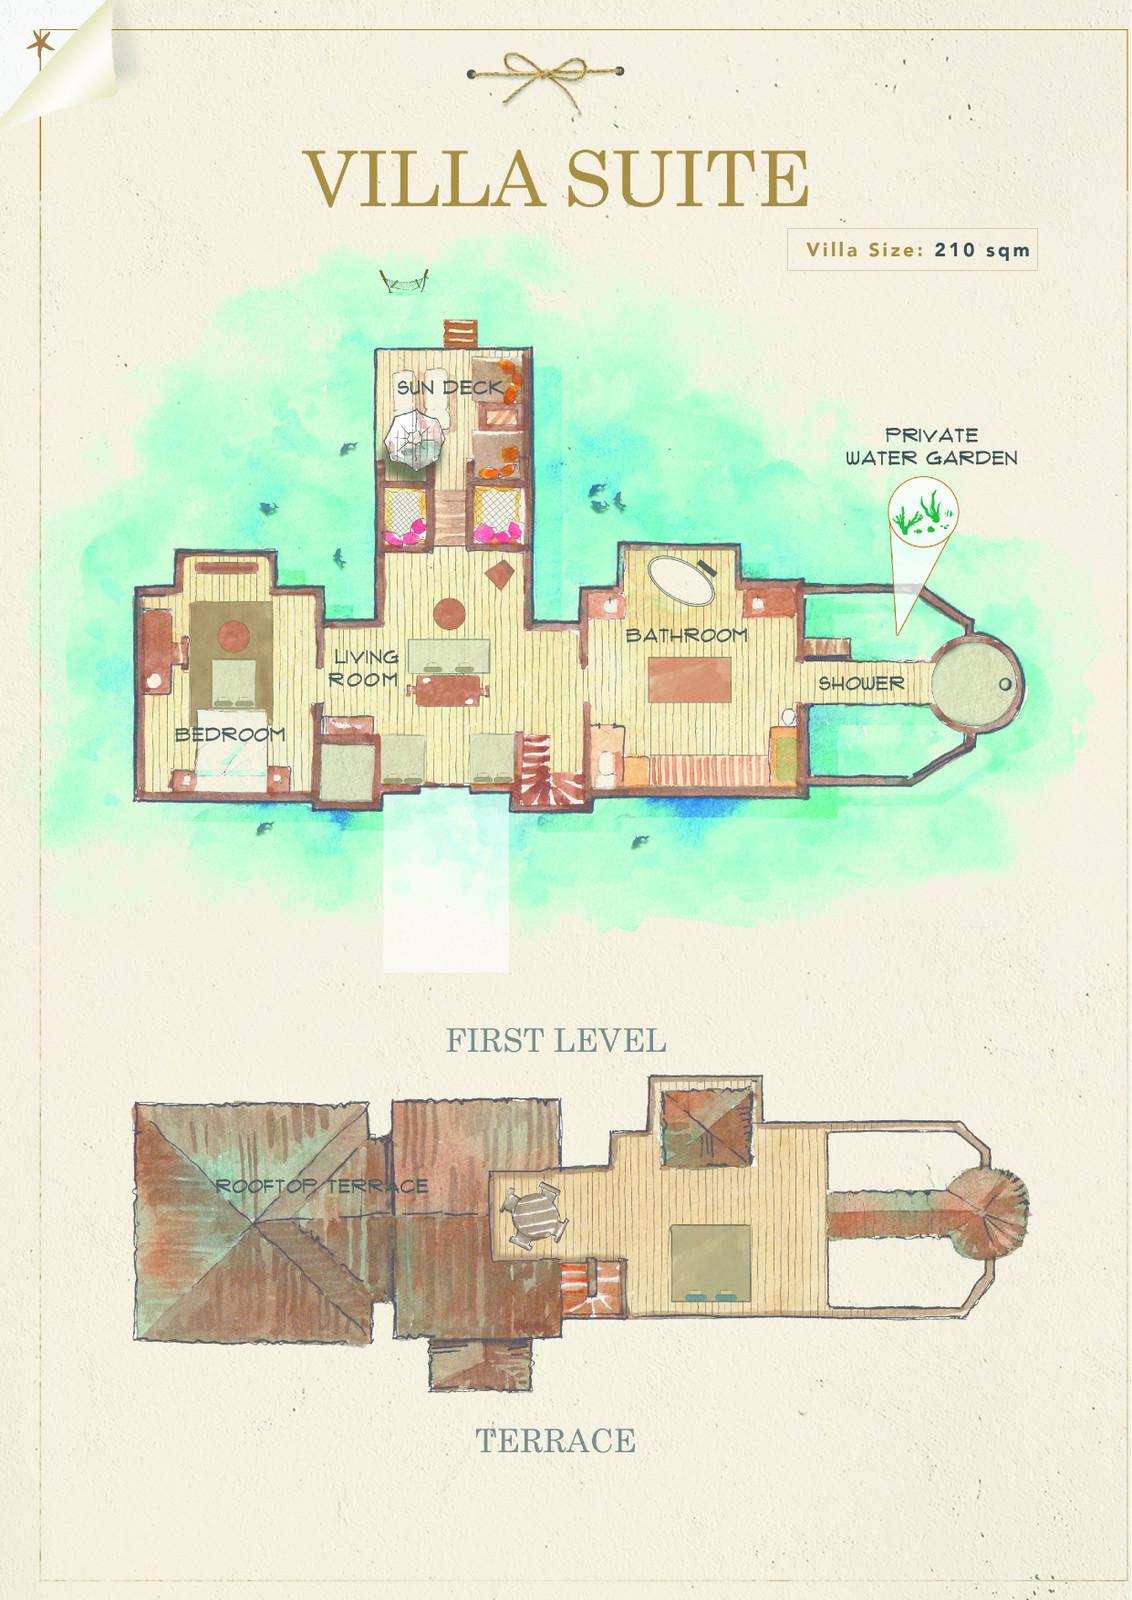 Мальдивы, отель Gili Lankanfushi Maldives, план-схема номера Villa Suite